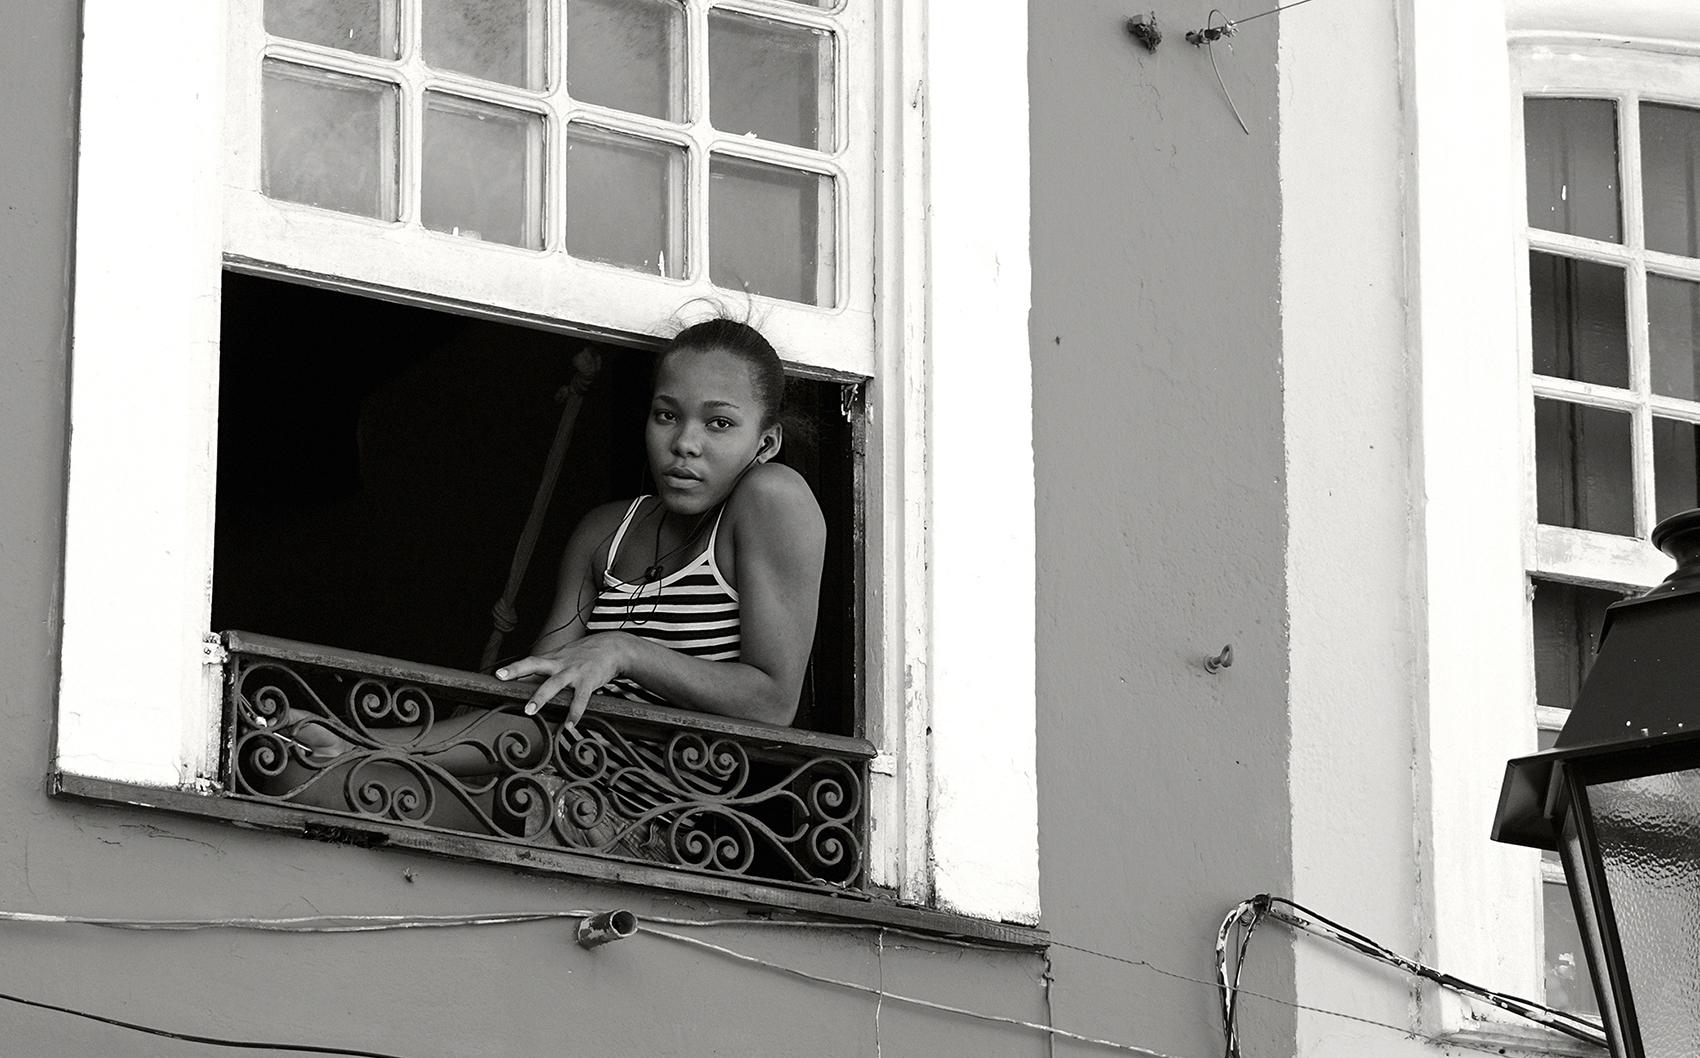 misure giuste Sonia Costa _ Girl in the window